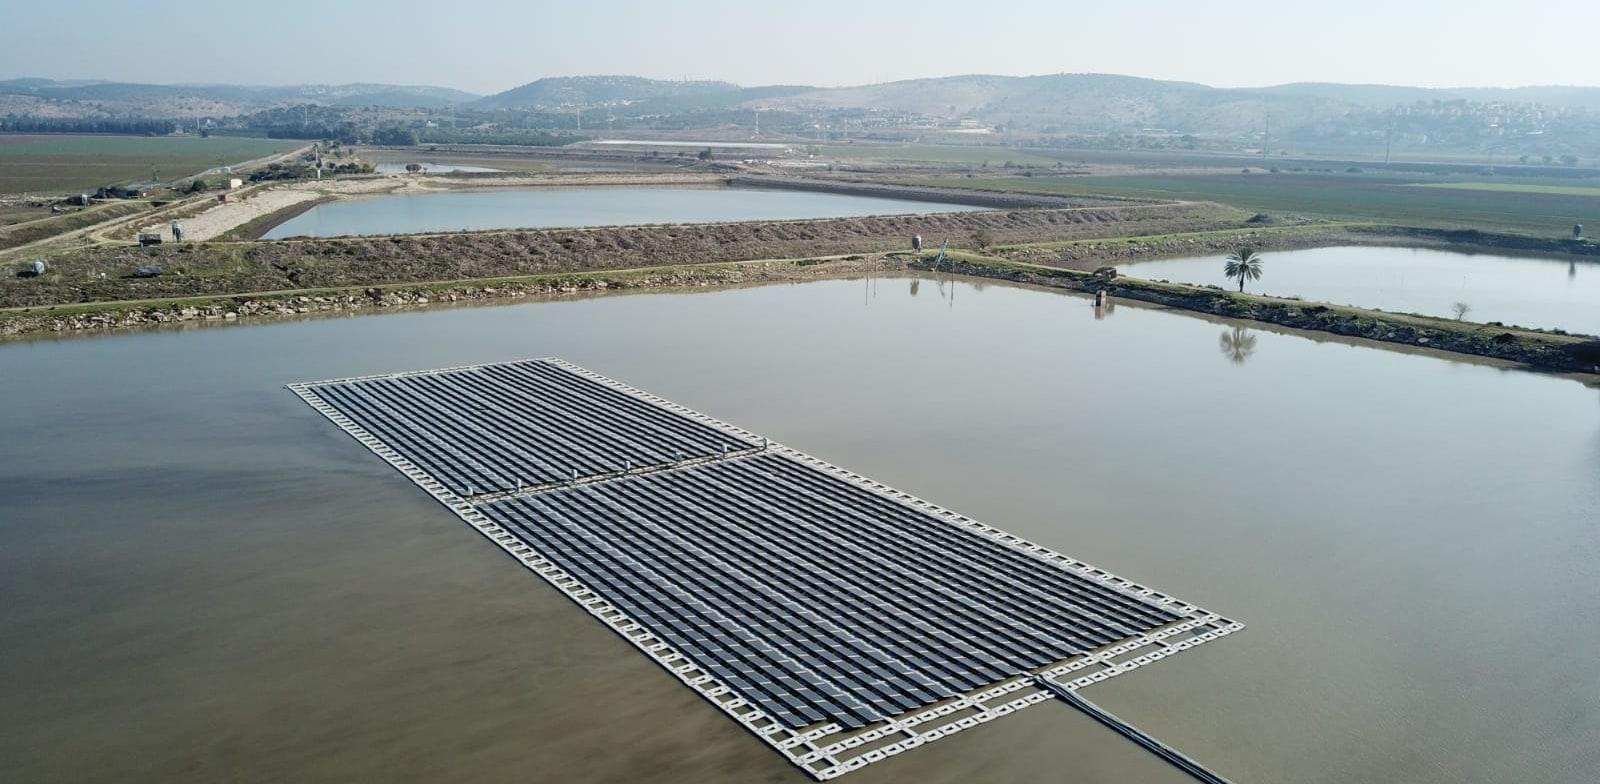 מתקן אנרגיה מתחדשת של דוראל בישראל / צילום: Adit-movies 2